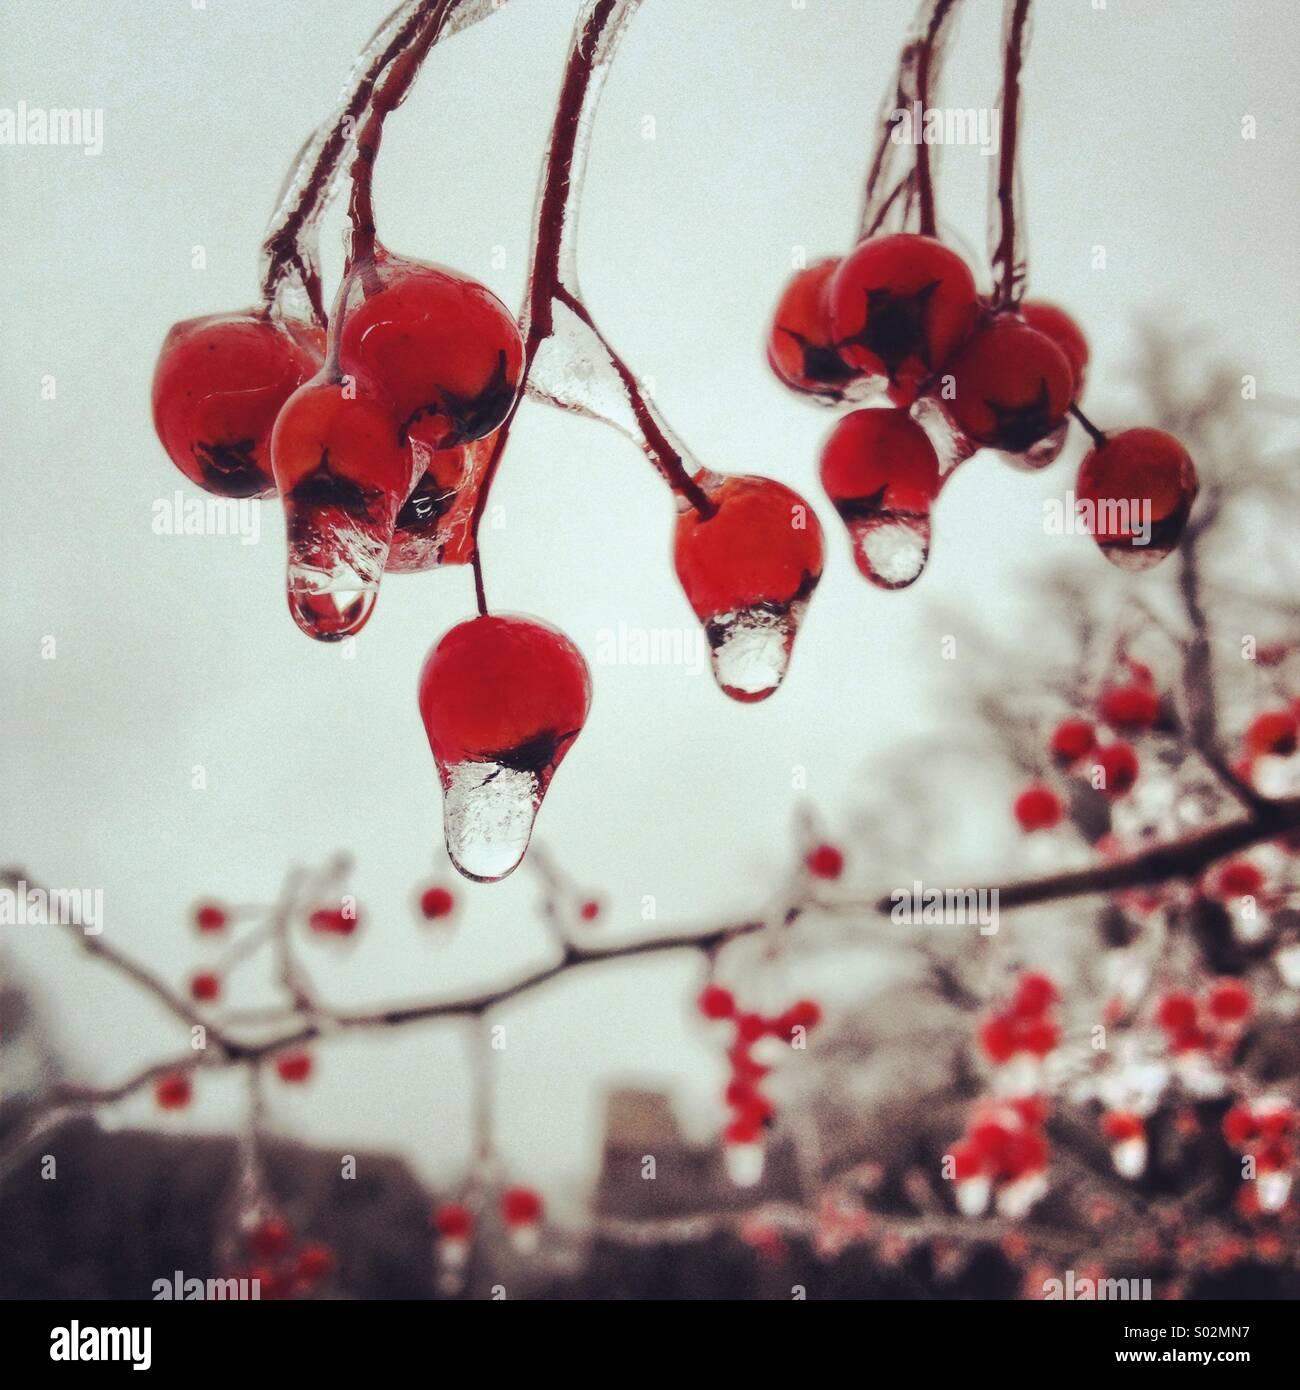 Gefrorenen Wassertropfen auf roten Beeren im winter Stockbild